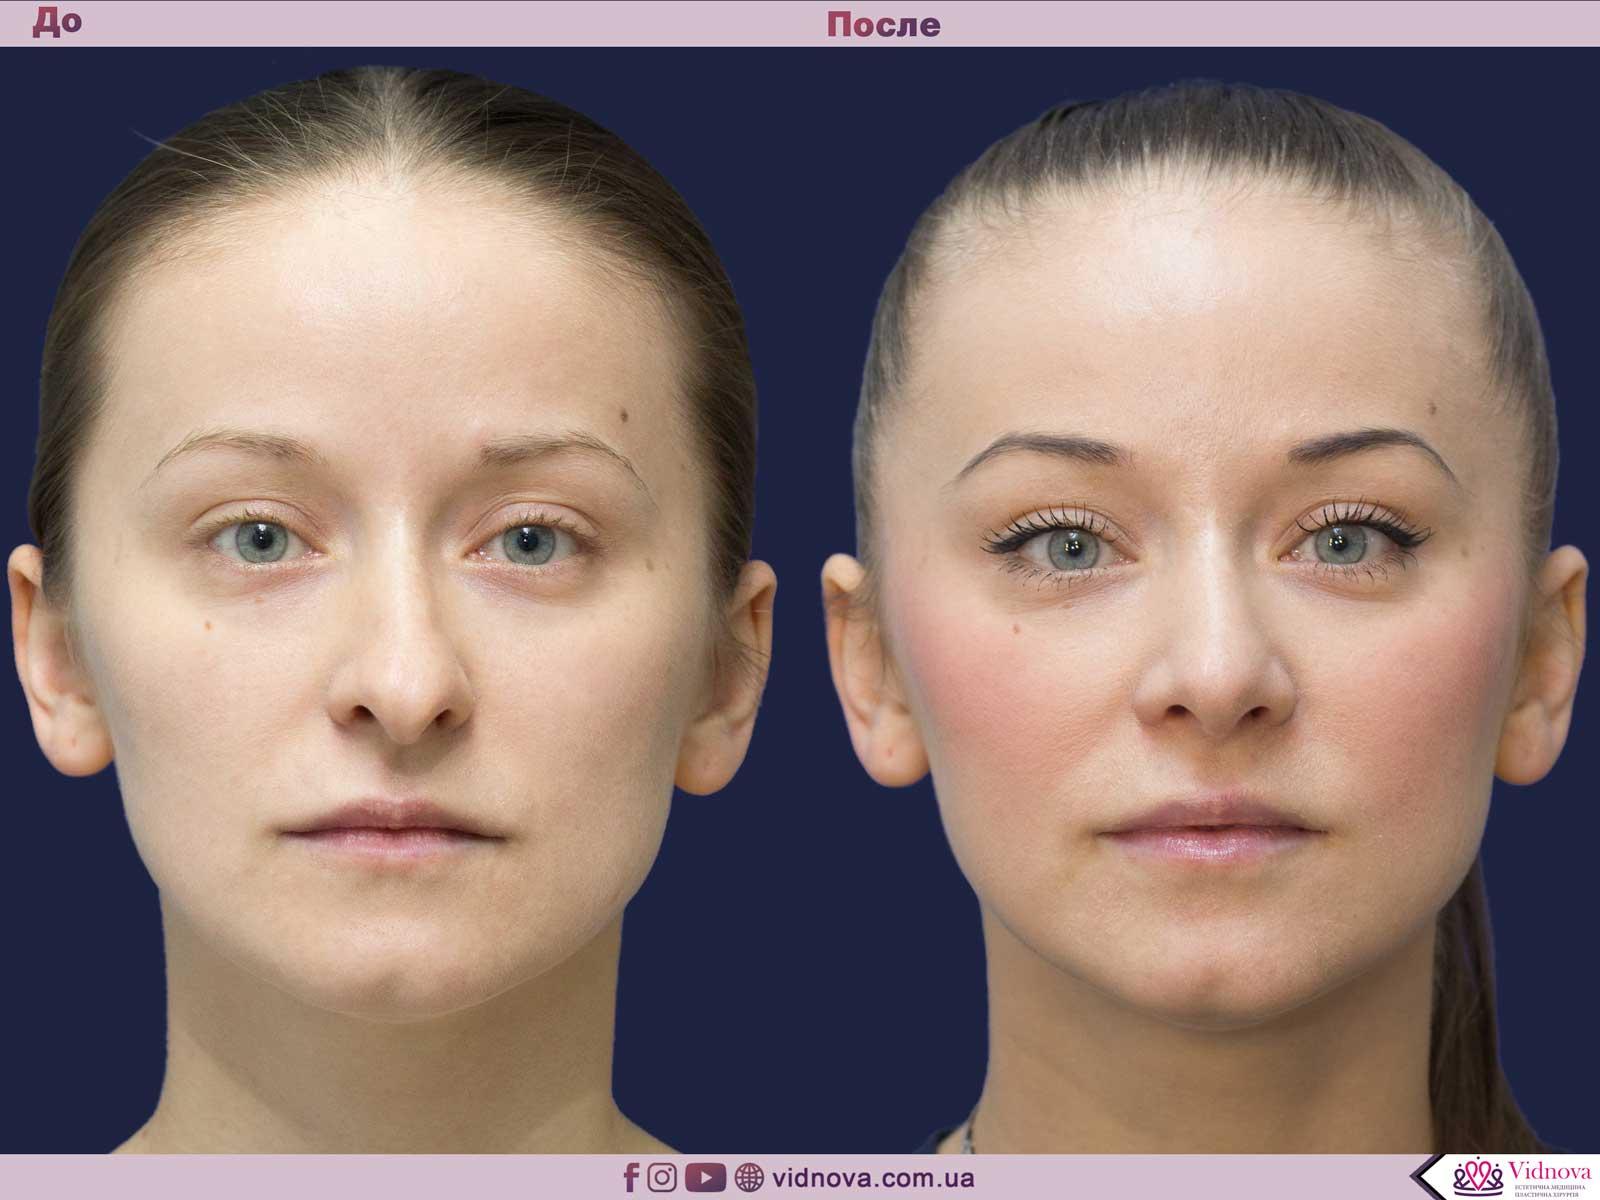 Ринопластика: Фото ДО и ПОСЛЕ - Пример №10-1 - Клиника Vidnova